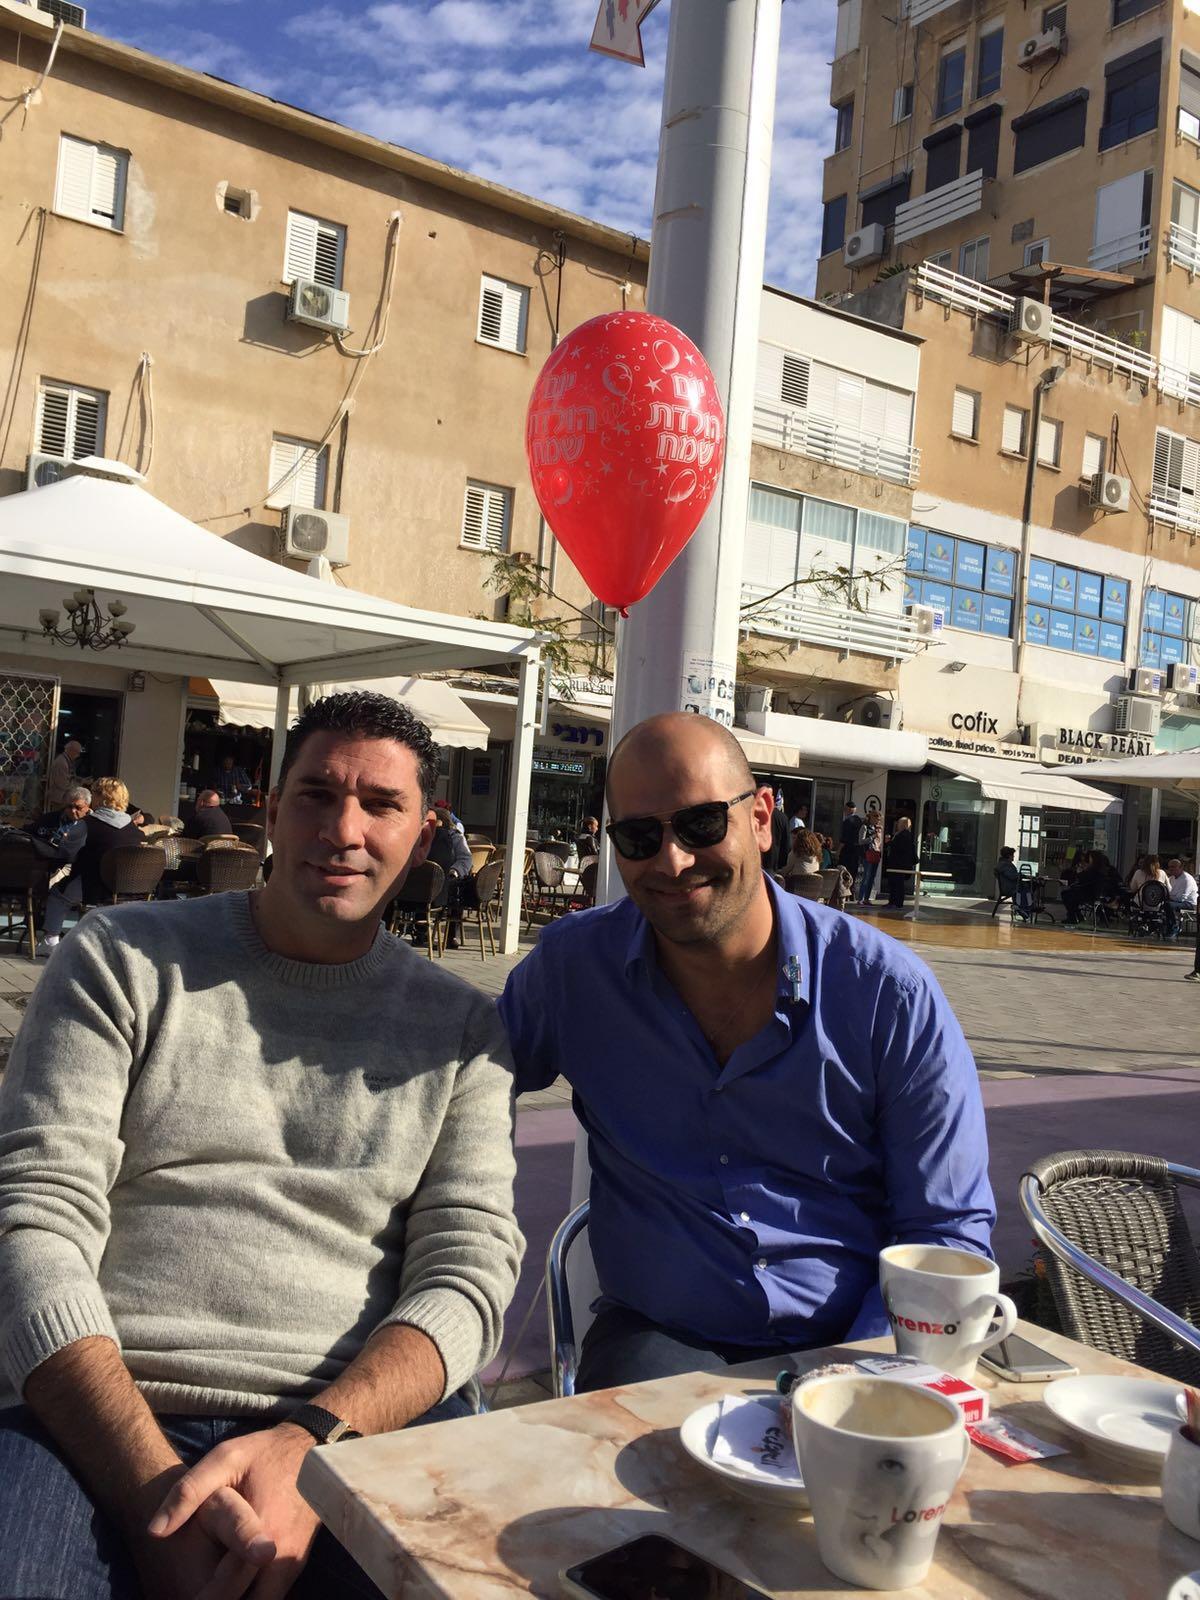 ברכות חמות... יוסי סחלי פותח את חגיגות המומולדת על קפה בפורג'ינו עם החבר ואיש העסקים מנשה זוארץ